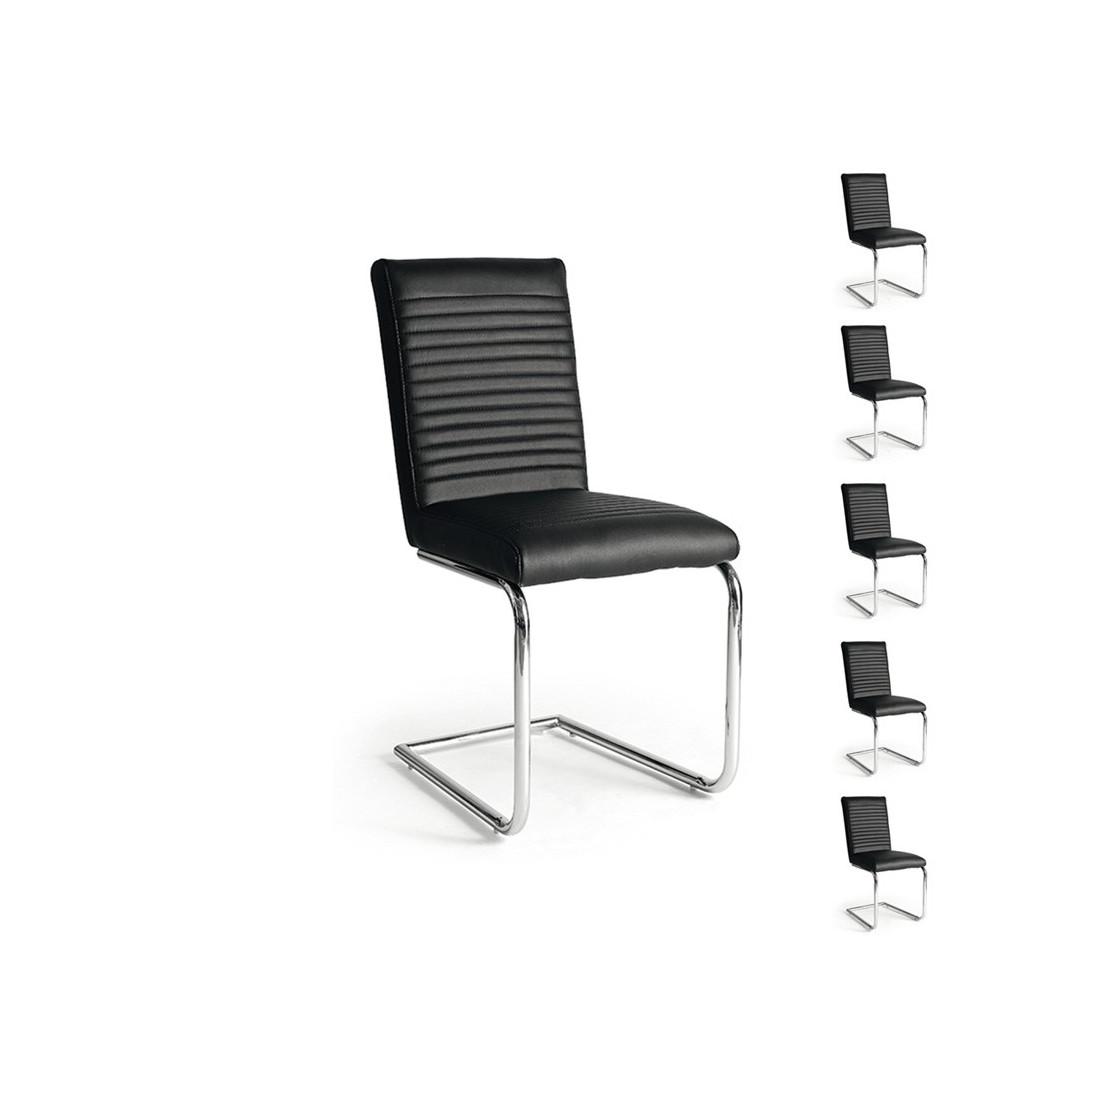 Lot de 6 chaises segure univers salle manger tousmesmeubles - Chaises simili cuir noir ...